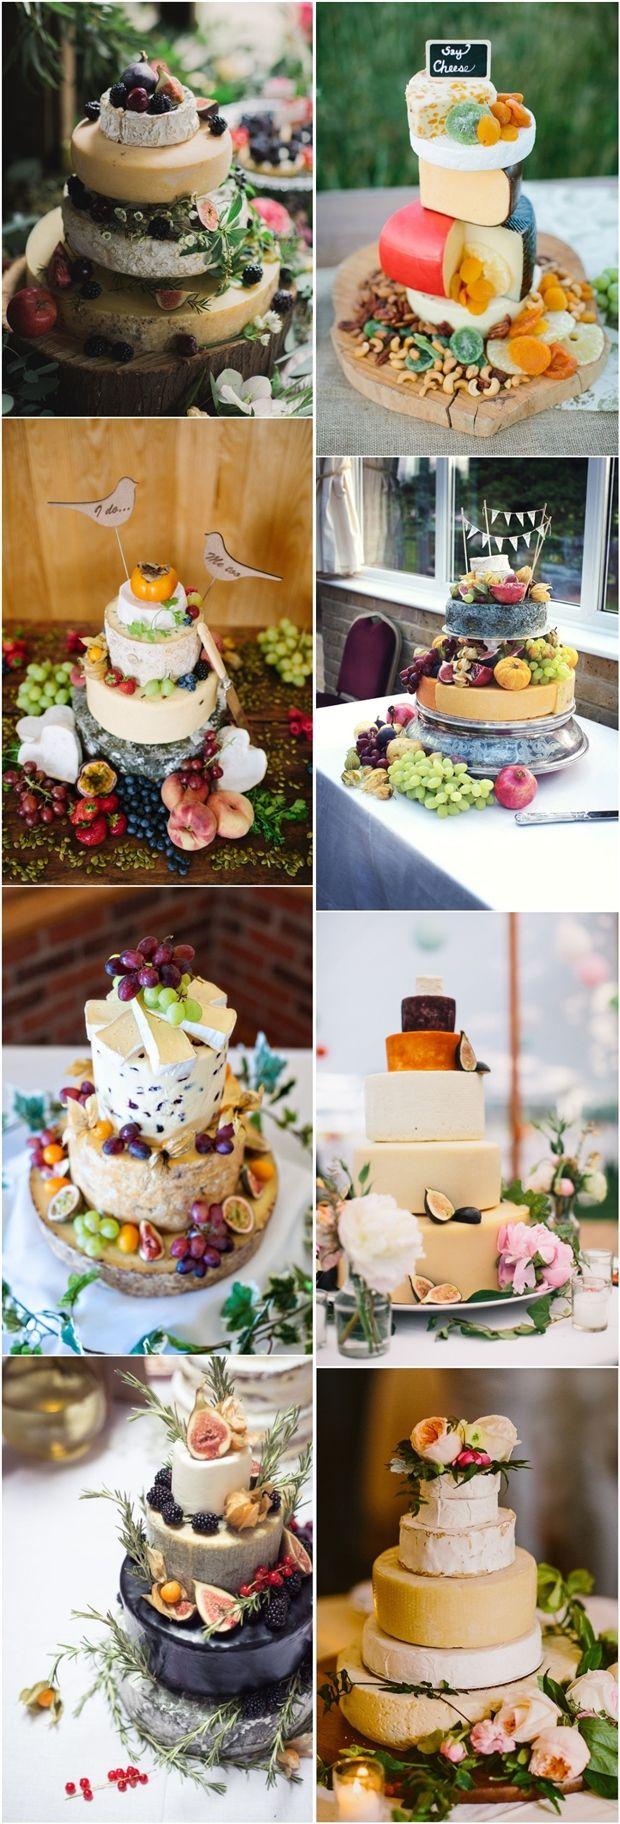 Rustic Wedding Cakes Tend: Cheese Wedding Cakes | http://www.deerpearlflowers.com/rustic-wedding-cakes-tend-cheese-wedding-cakes/